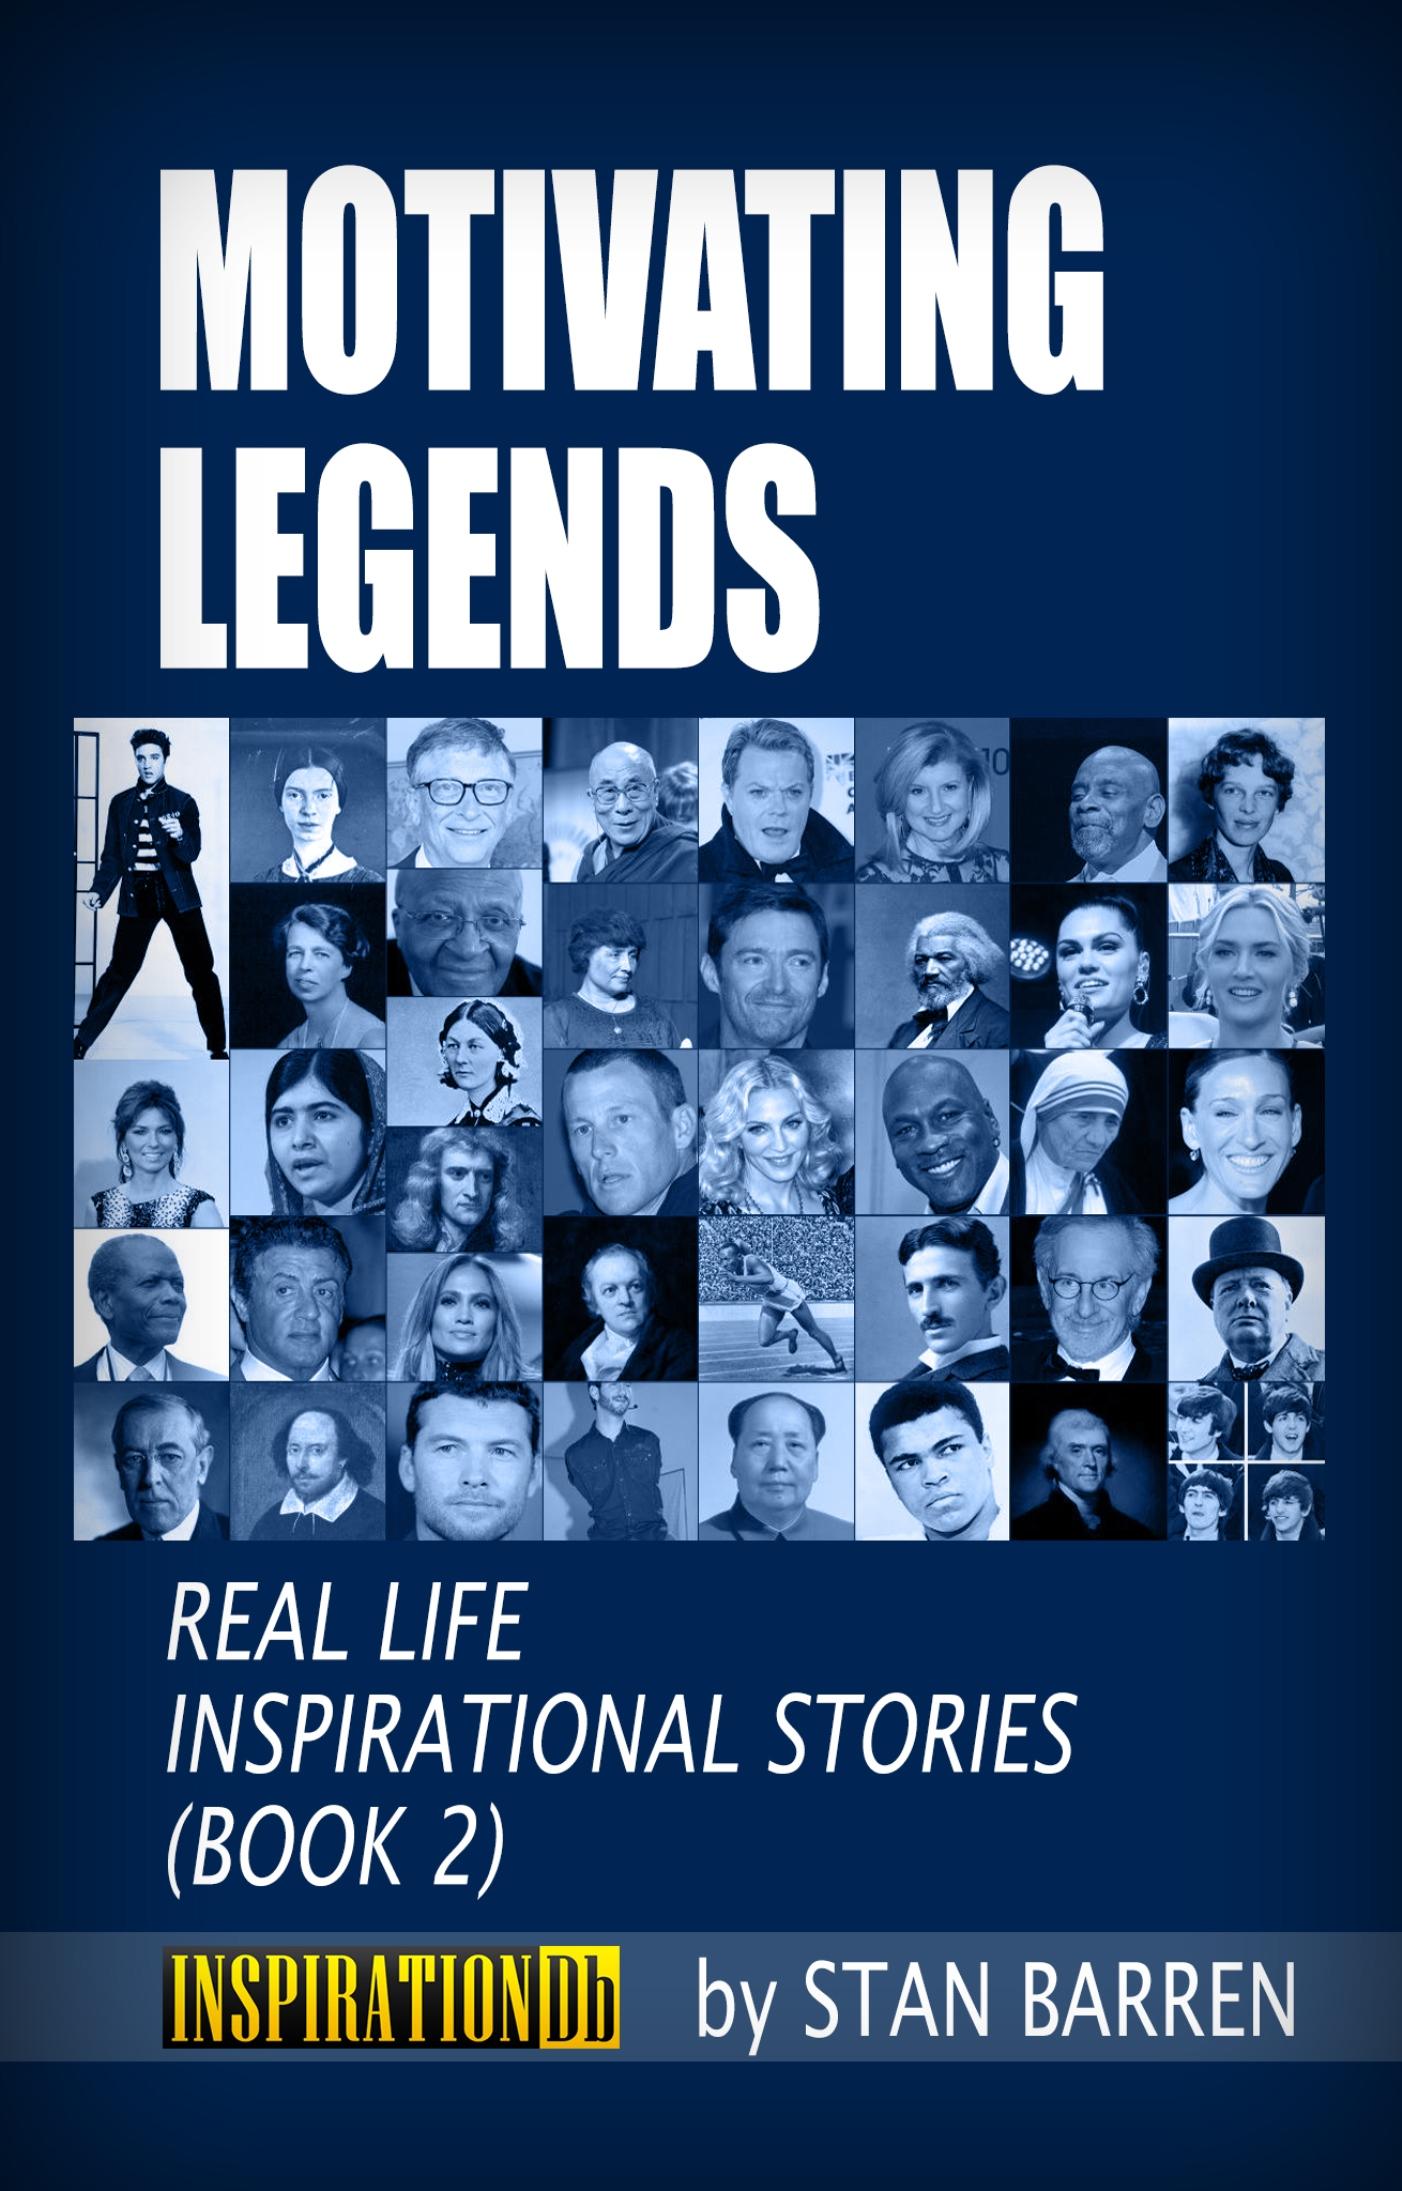 Motivating Legends: Real Life Inspirational Stories (Book 2), an Ebook by  Stan Barren